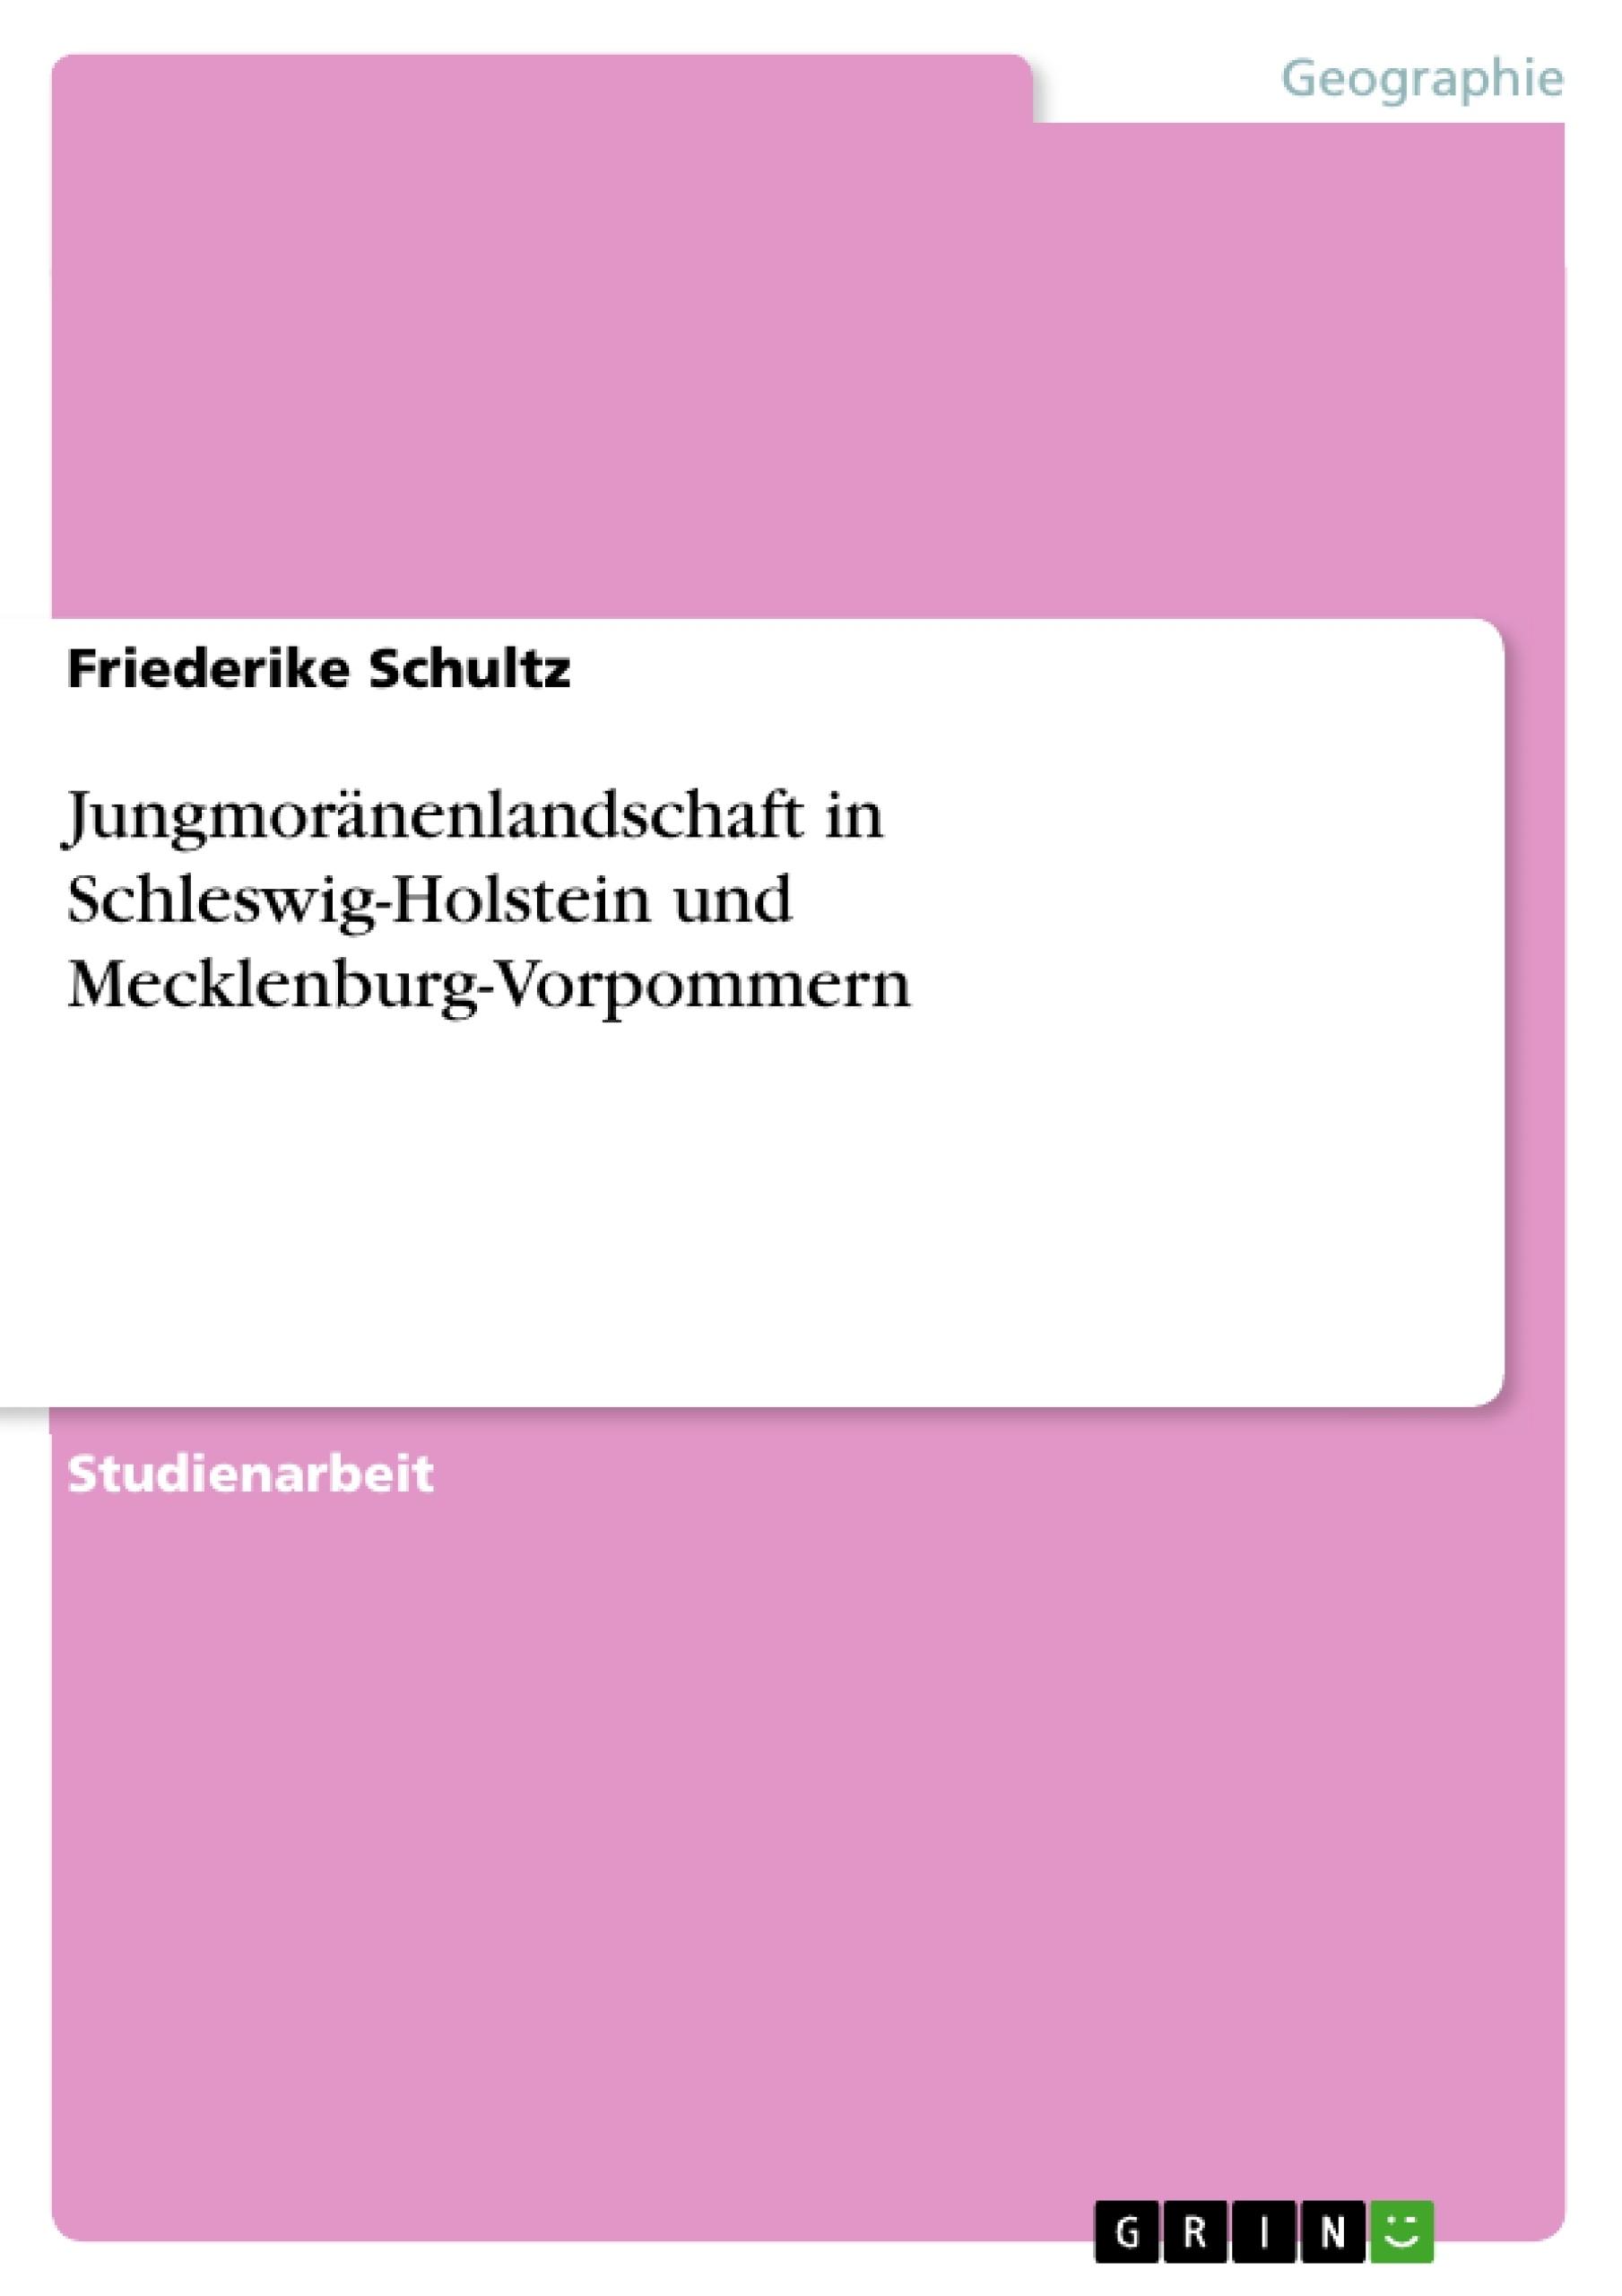 Titel: Jungmoränenlandschaft in Schleswig-Holstein und Mecklenburg-Vorpommern